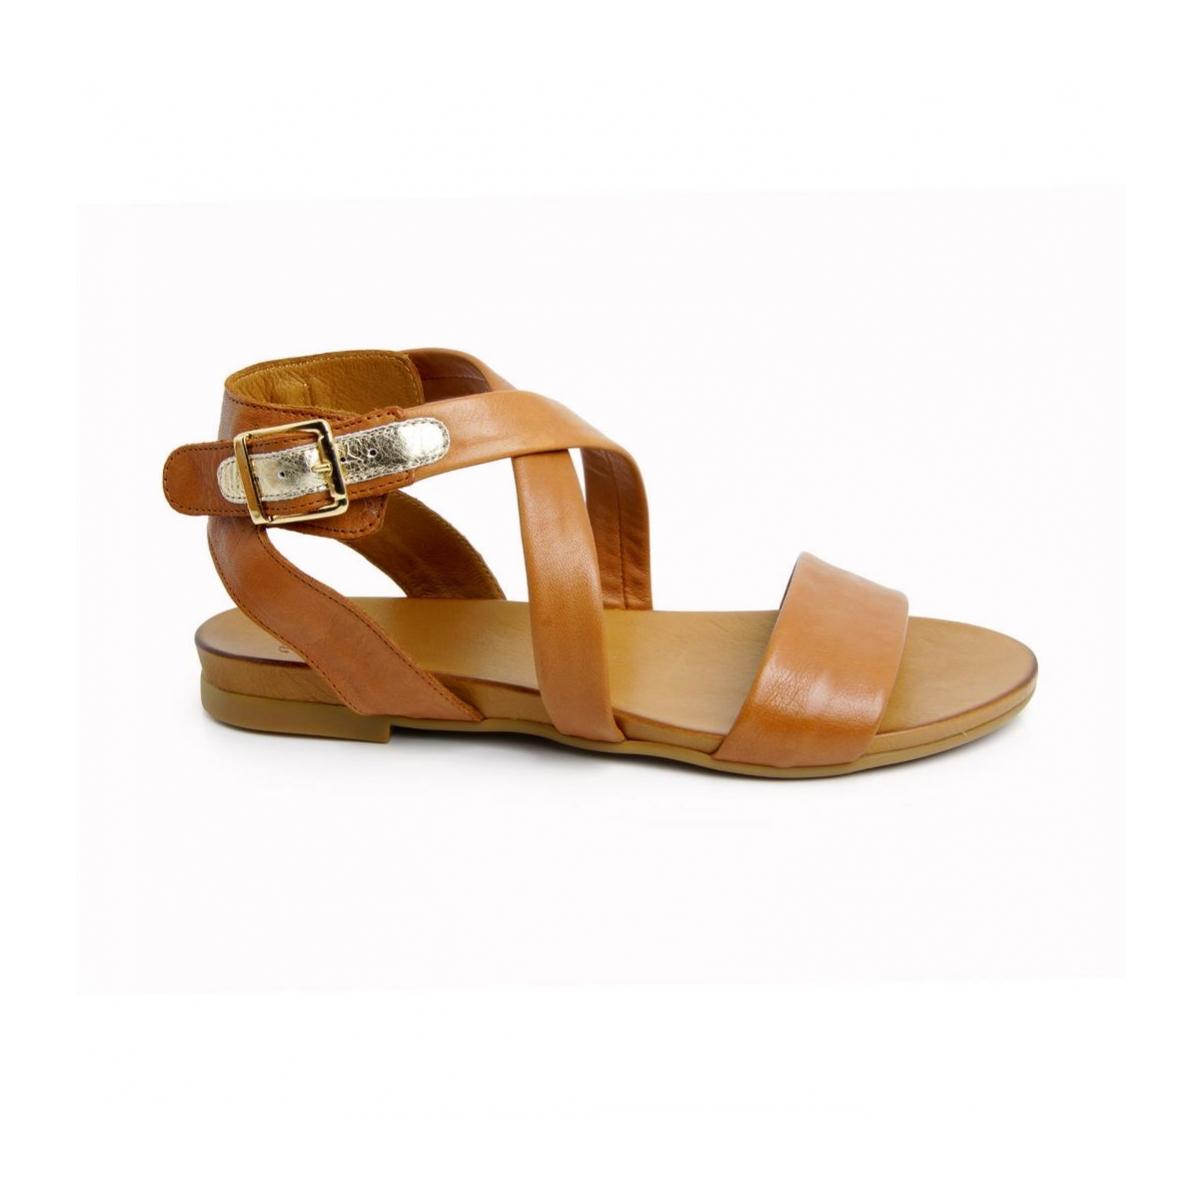 52f9e65d27 Dámske kožené hnedé sandále FRESH 51 - 2